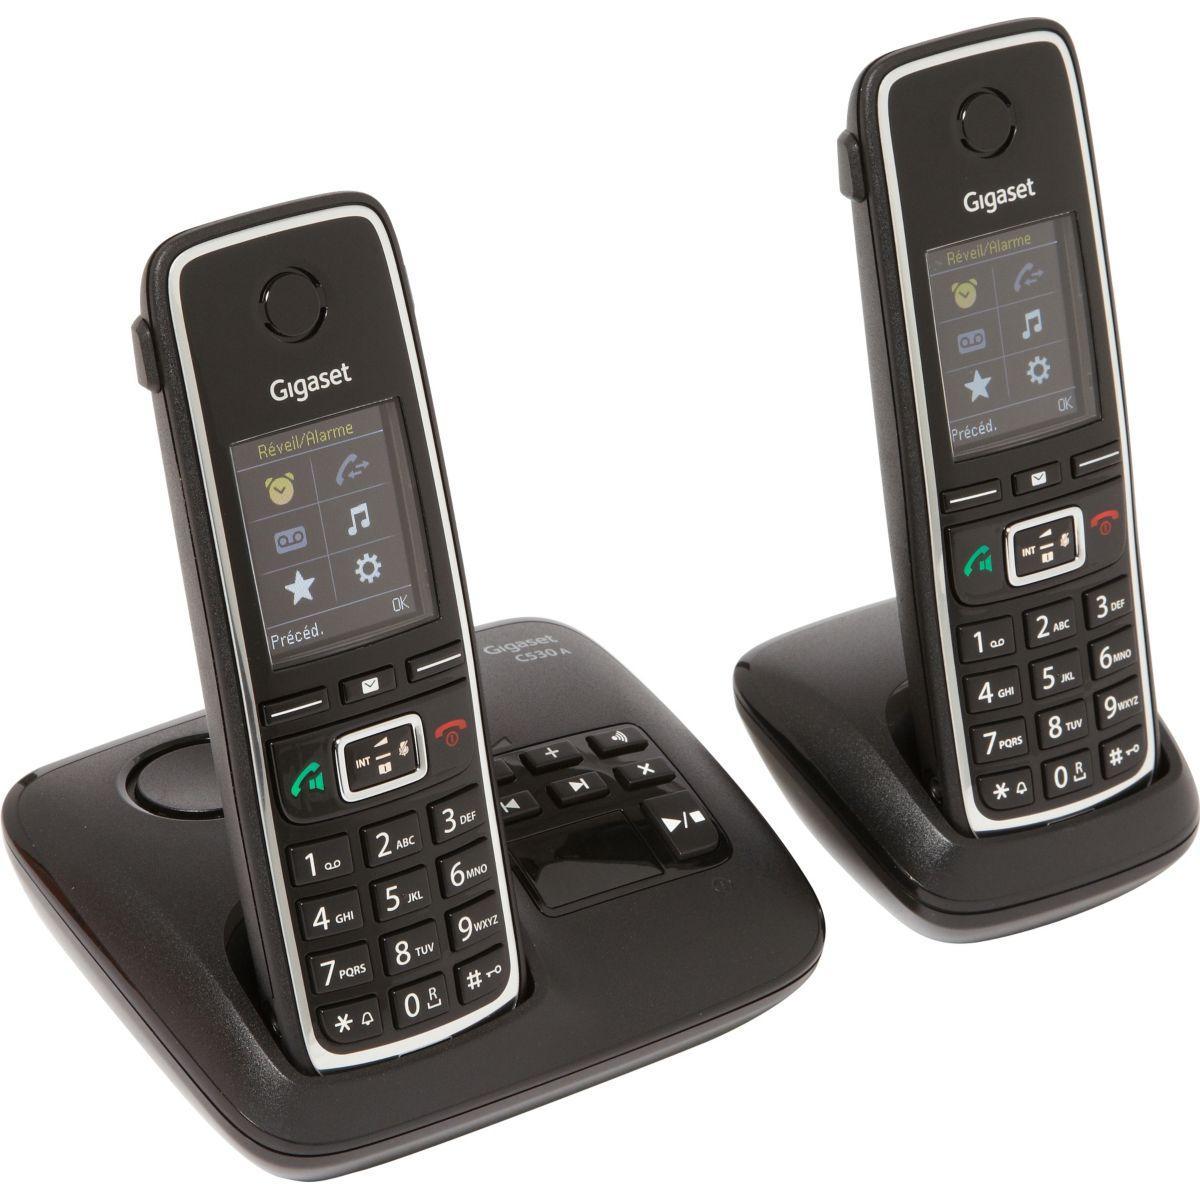 Téléphone répondeur sans fil duo gigaset c530a noir (photo)